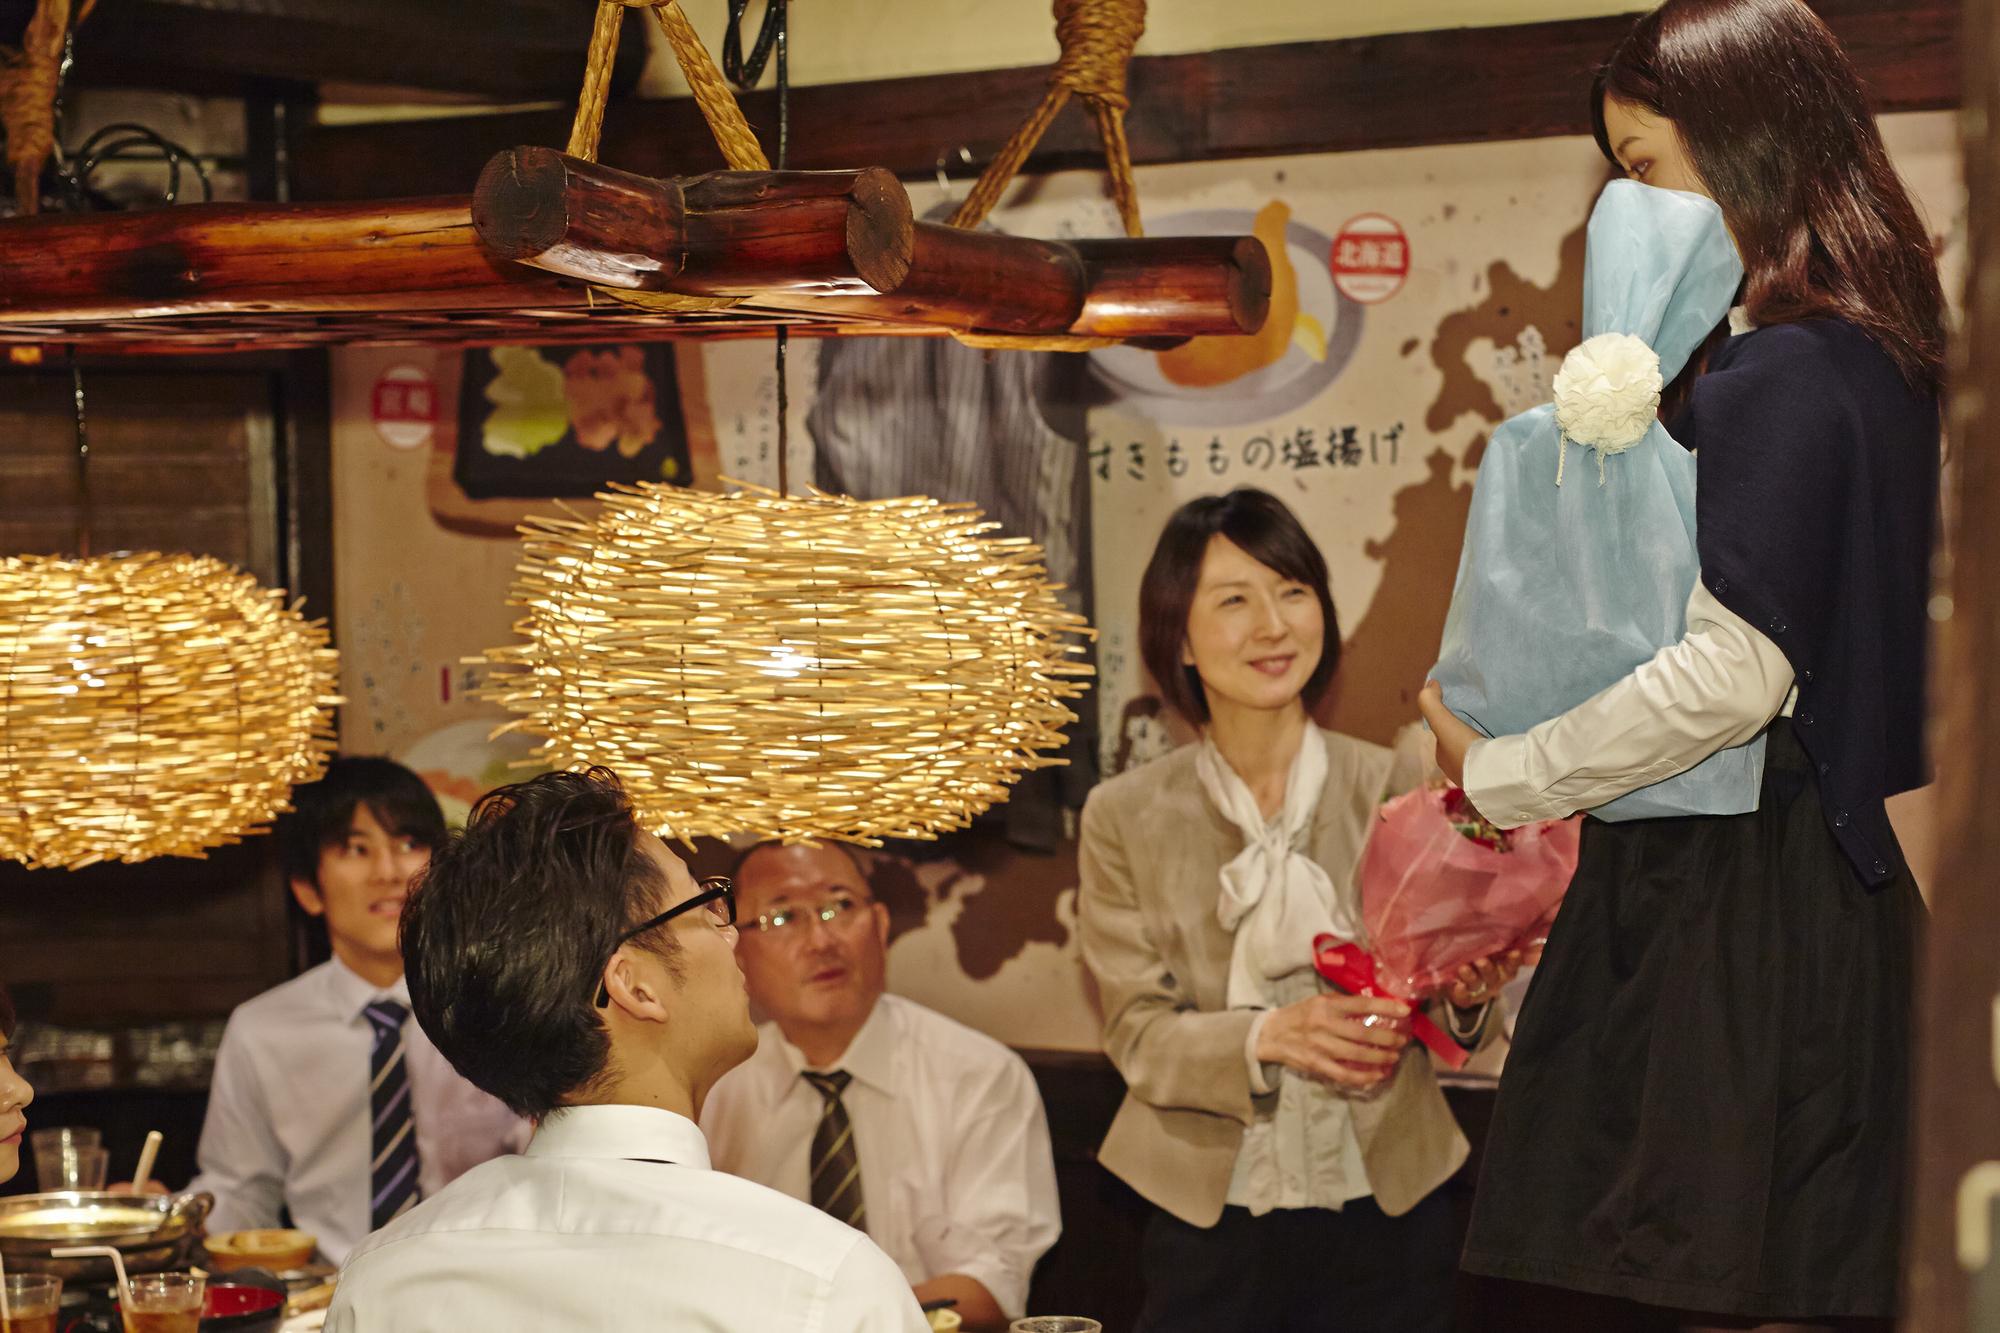 花束を渡す女性